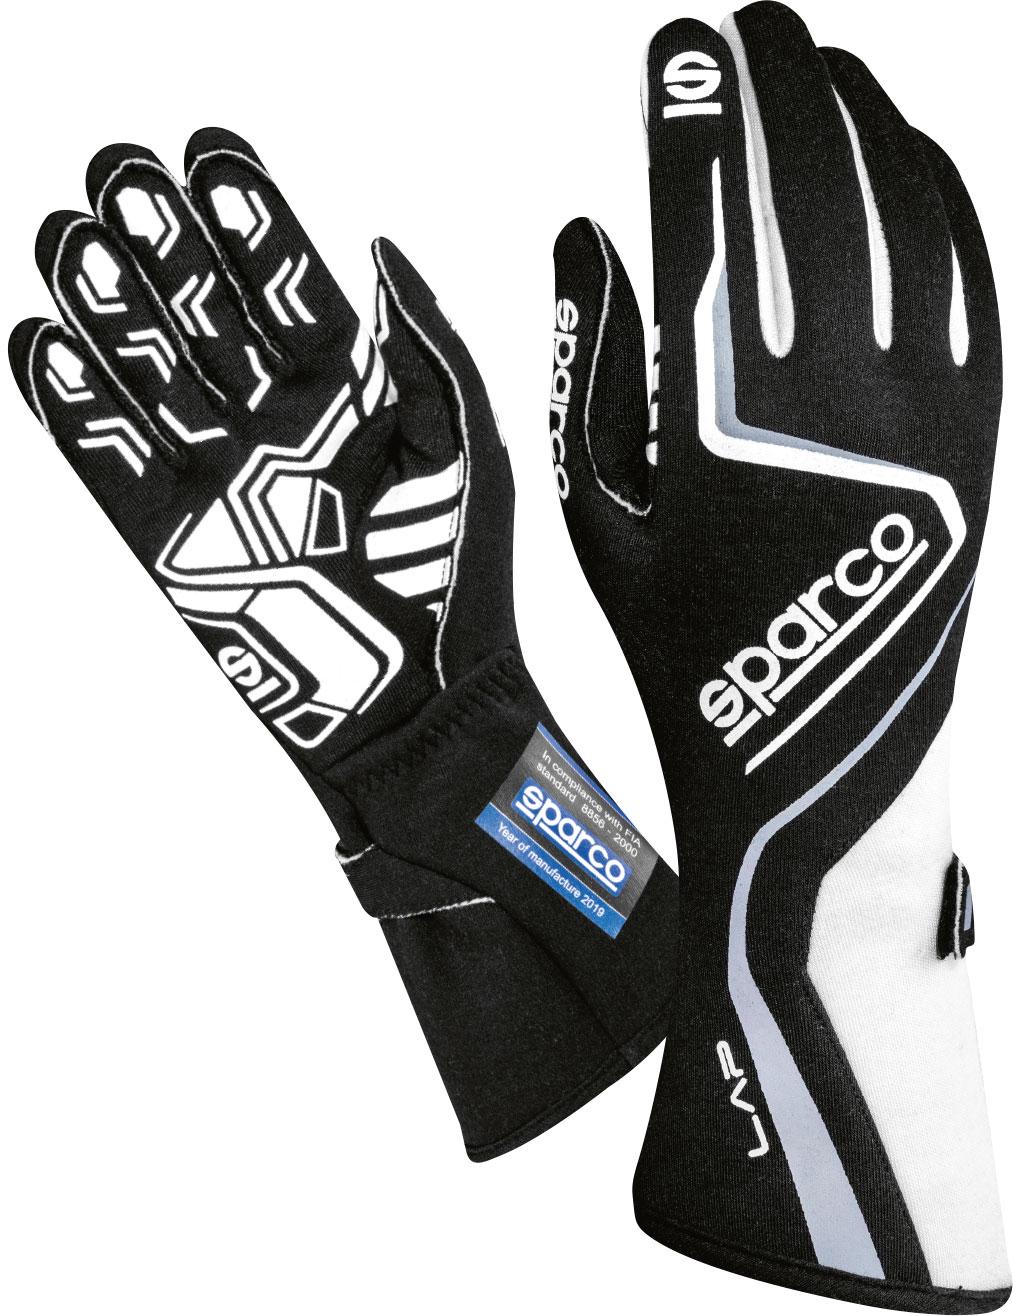 Sparco Handschuh Lap, schwarz/weiß